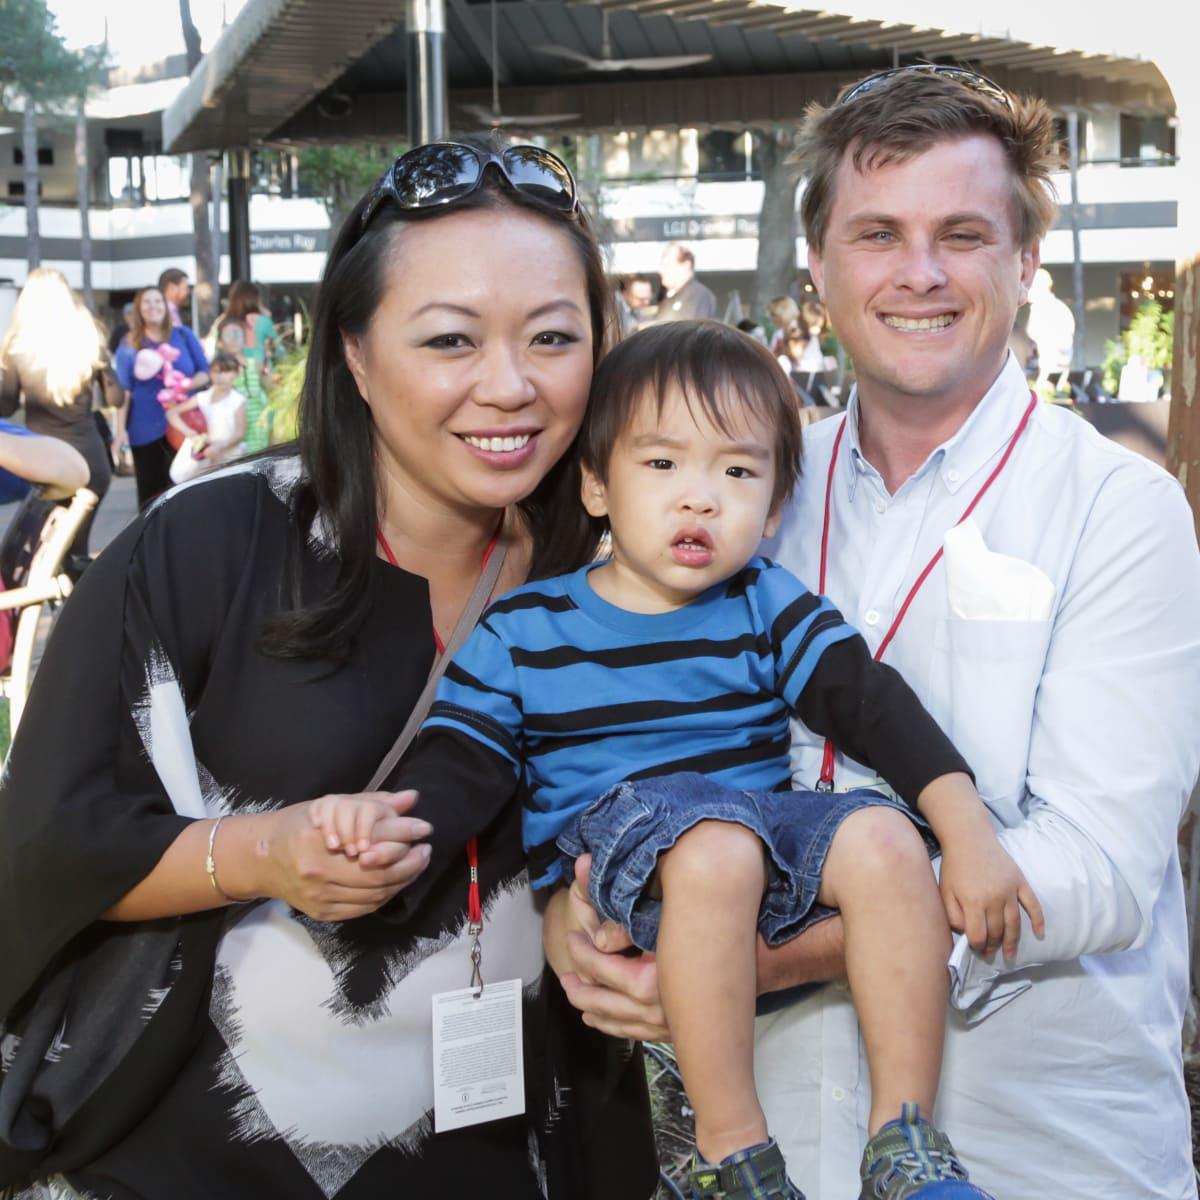 Risotto Festival Miya Shay (son Winston) Corbett Parker